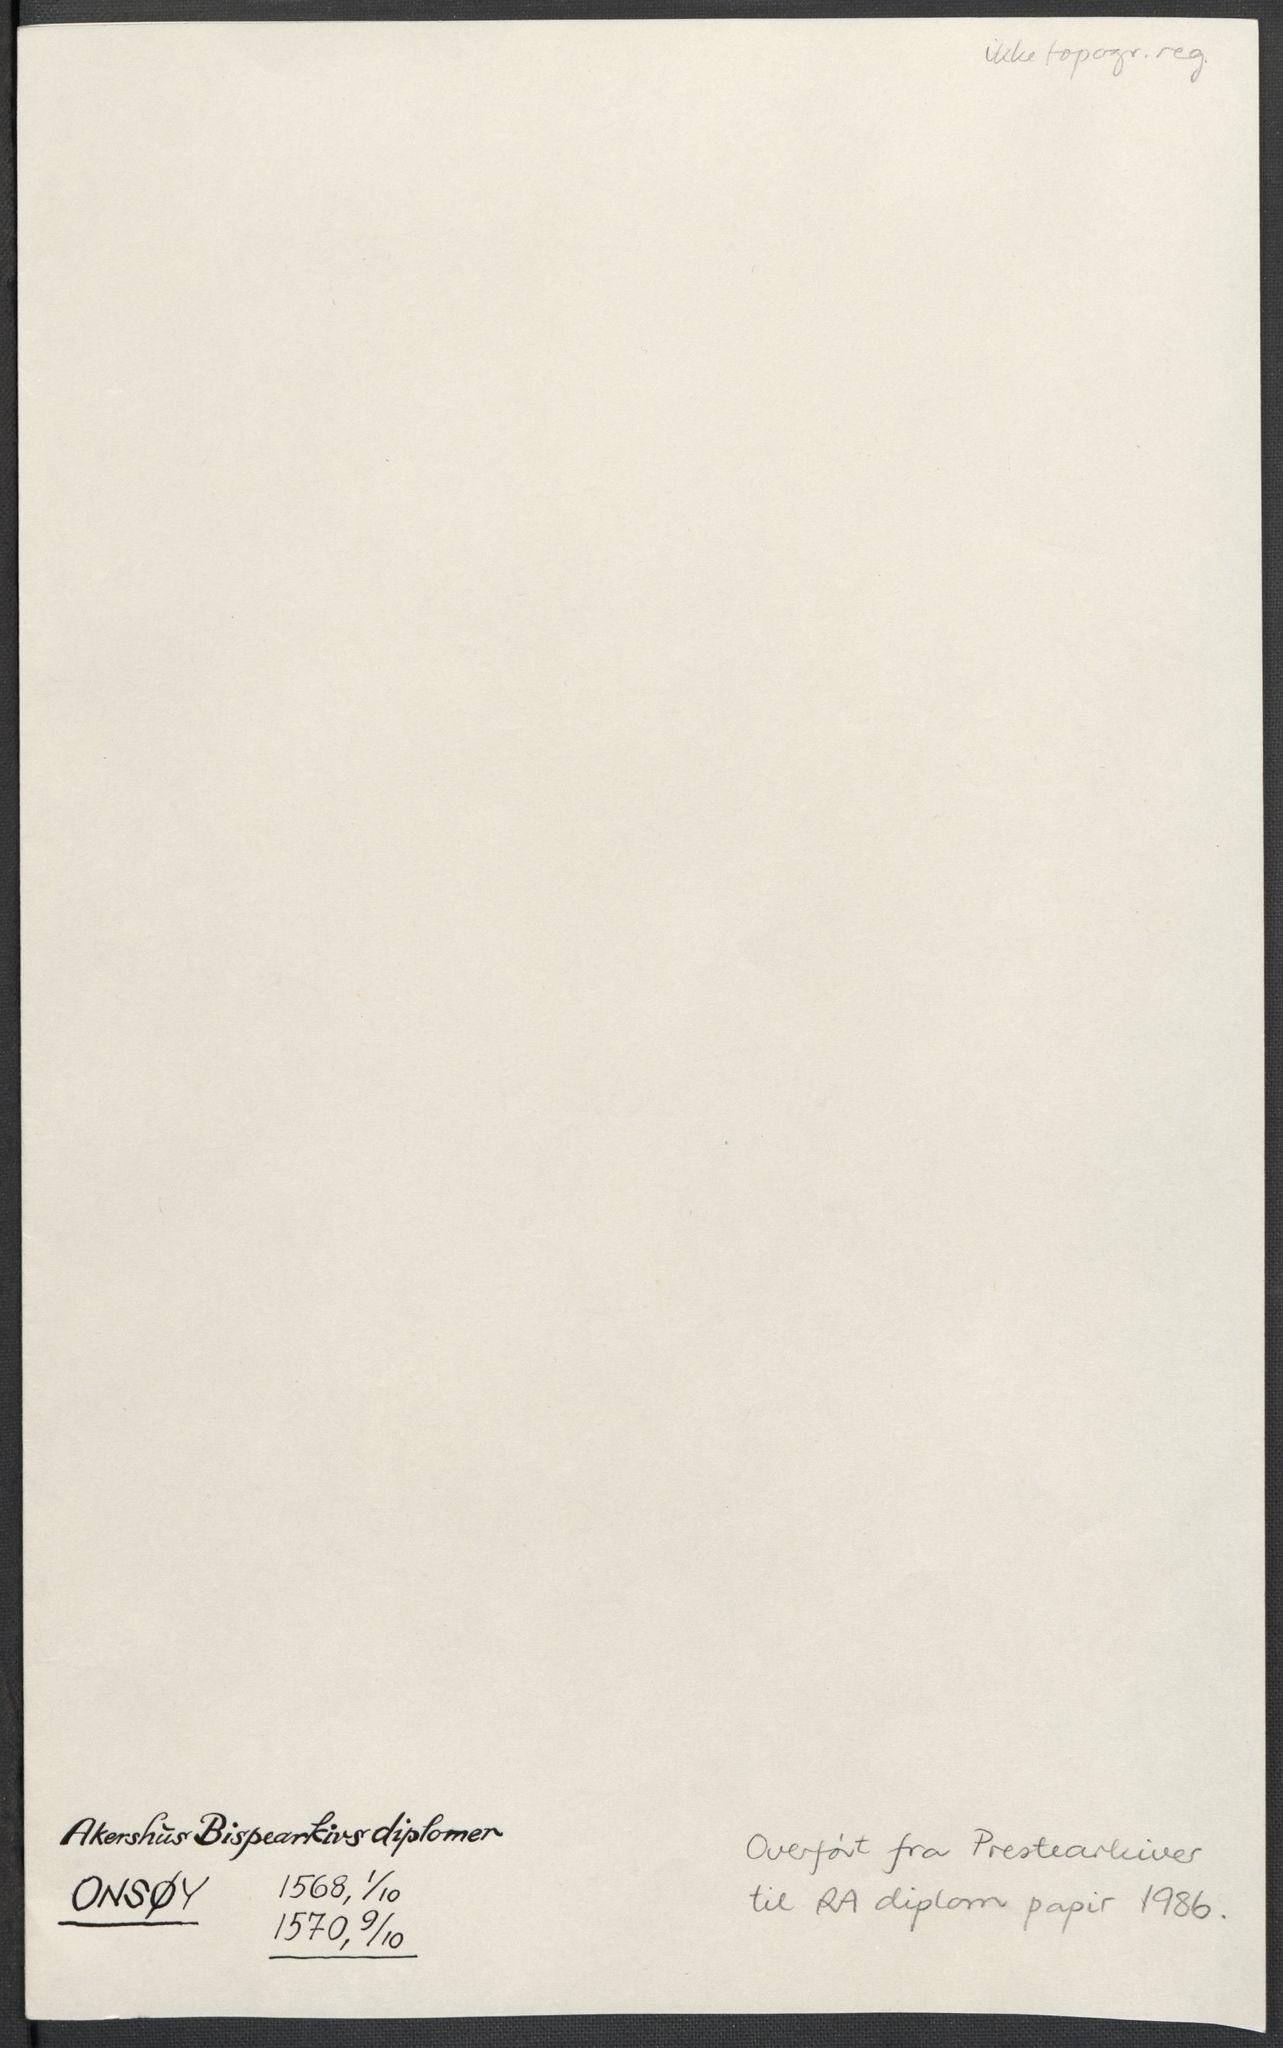 RA, Riksarkivets diplomsamling, F02/L0075: Dokumenter, 1570-1571, s. 29